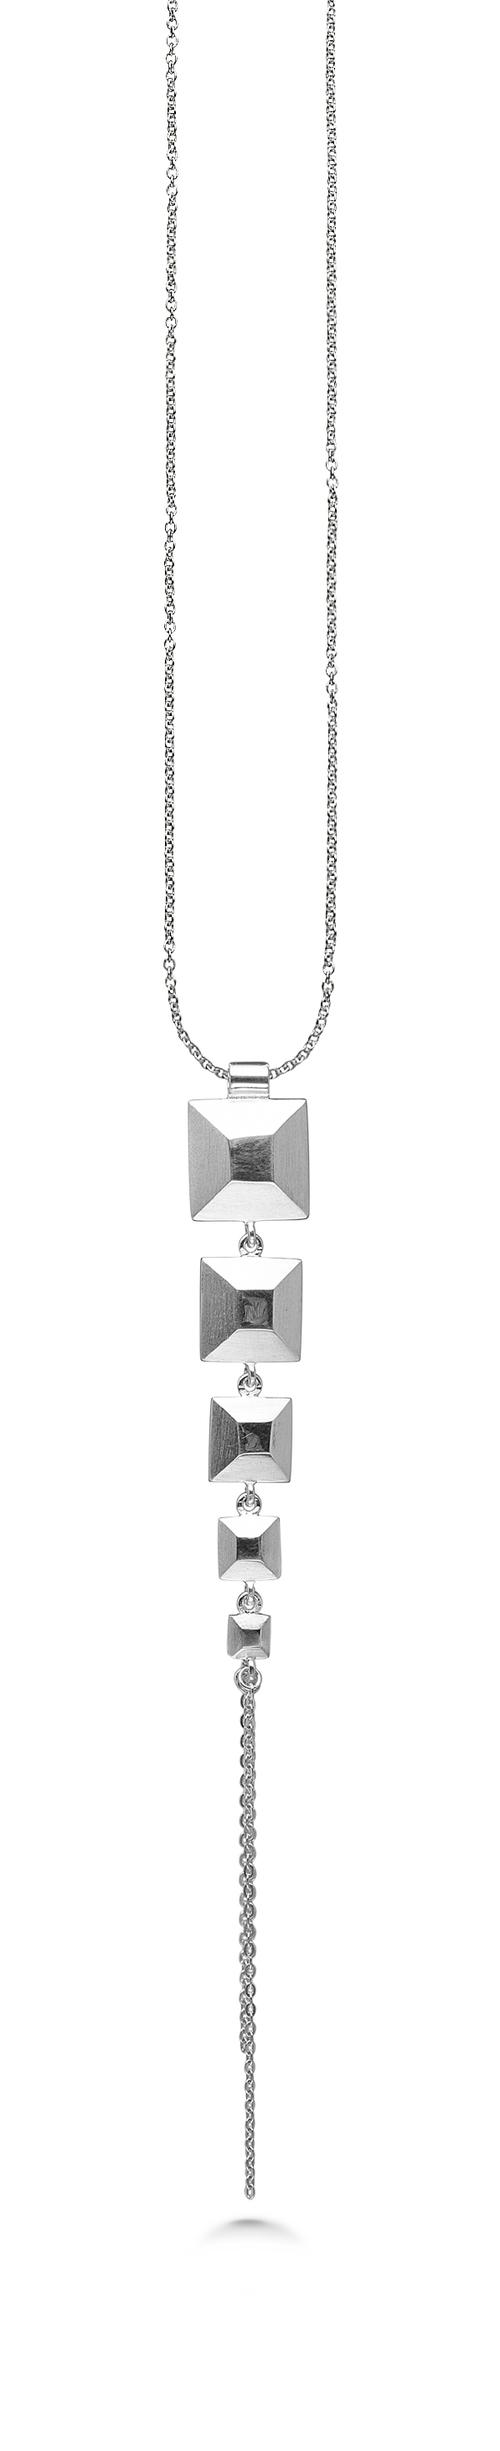 Billede af Kranz & Ziegler Sølv halssmykke squares - 4003791-45